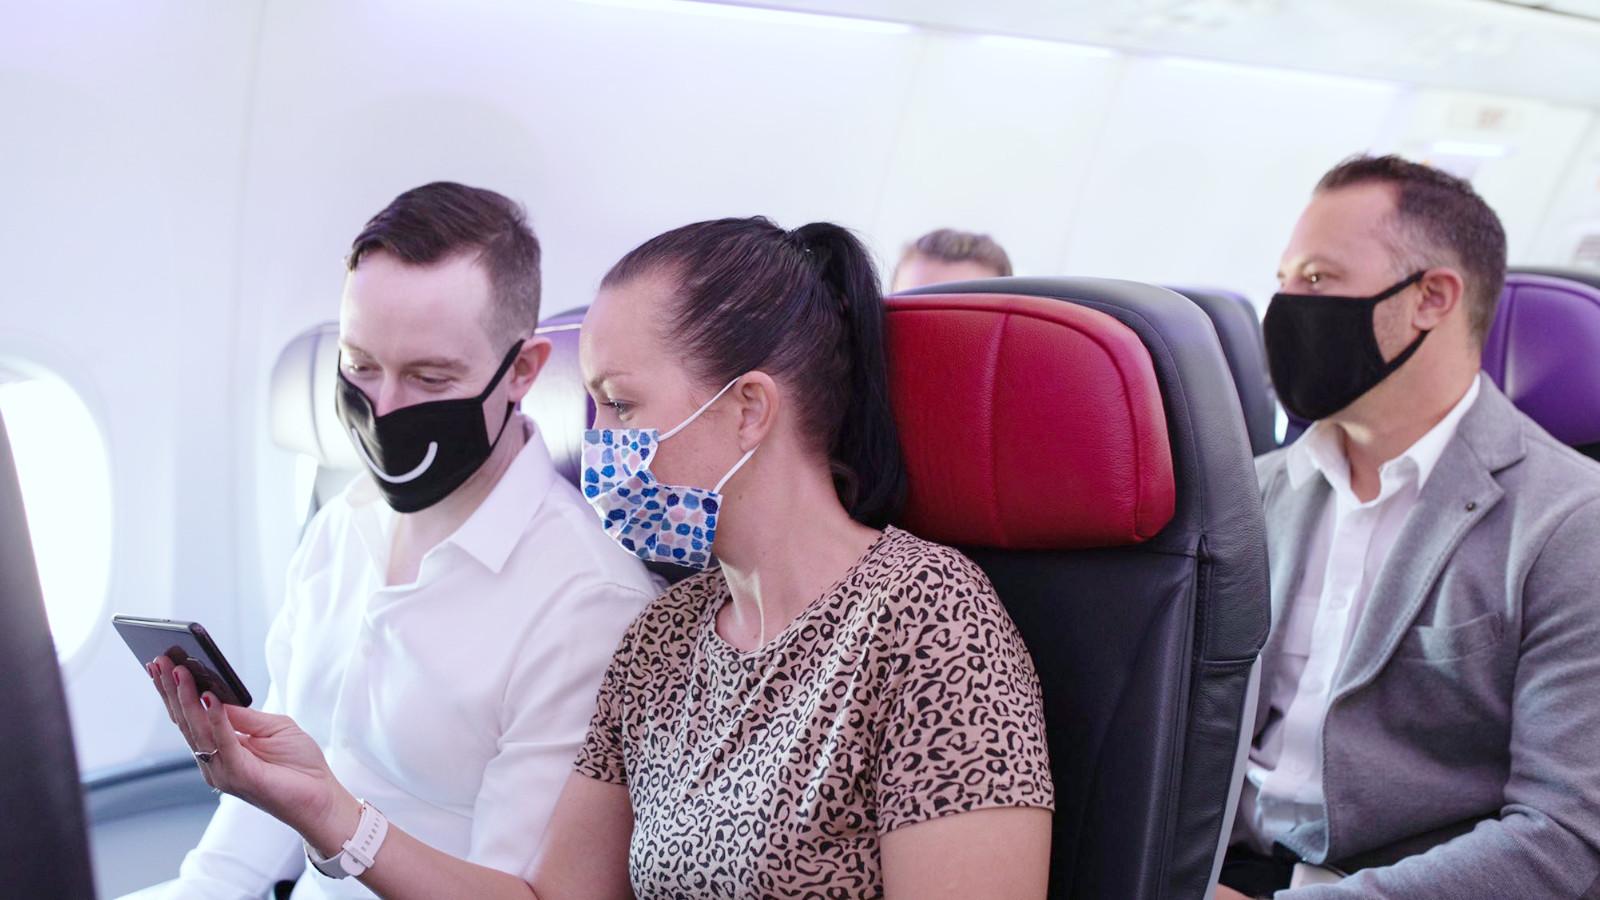 Passengers wearing mask onboard